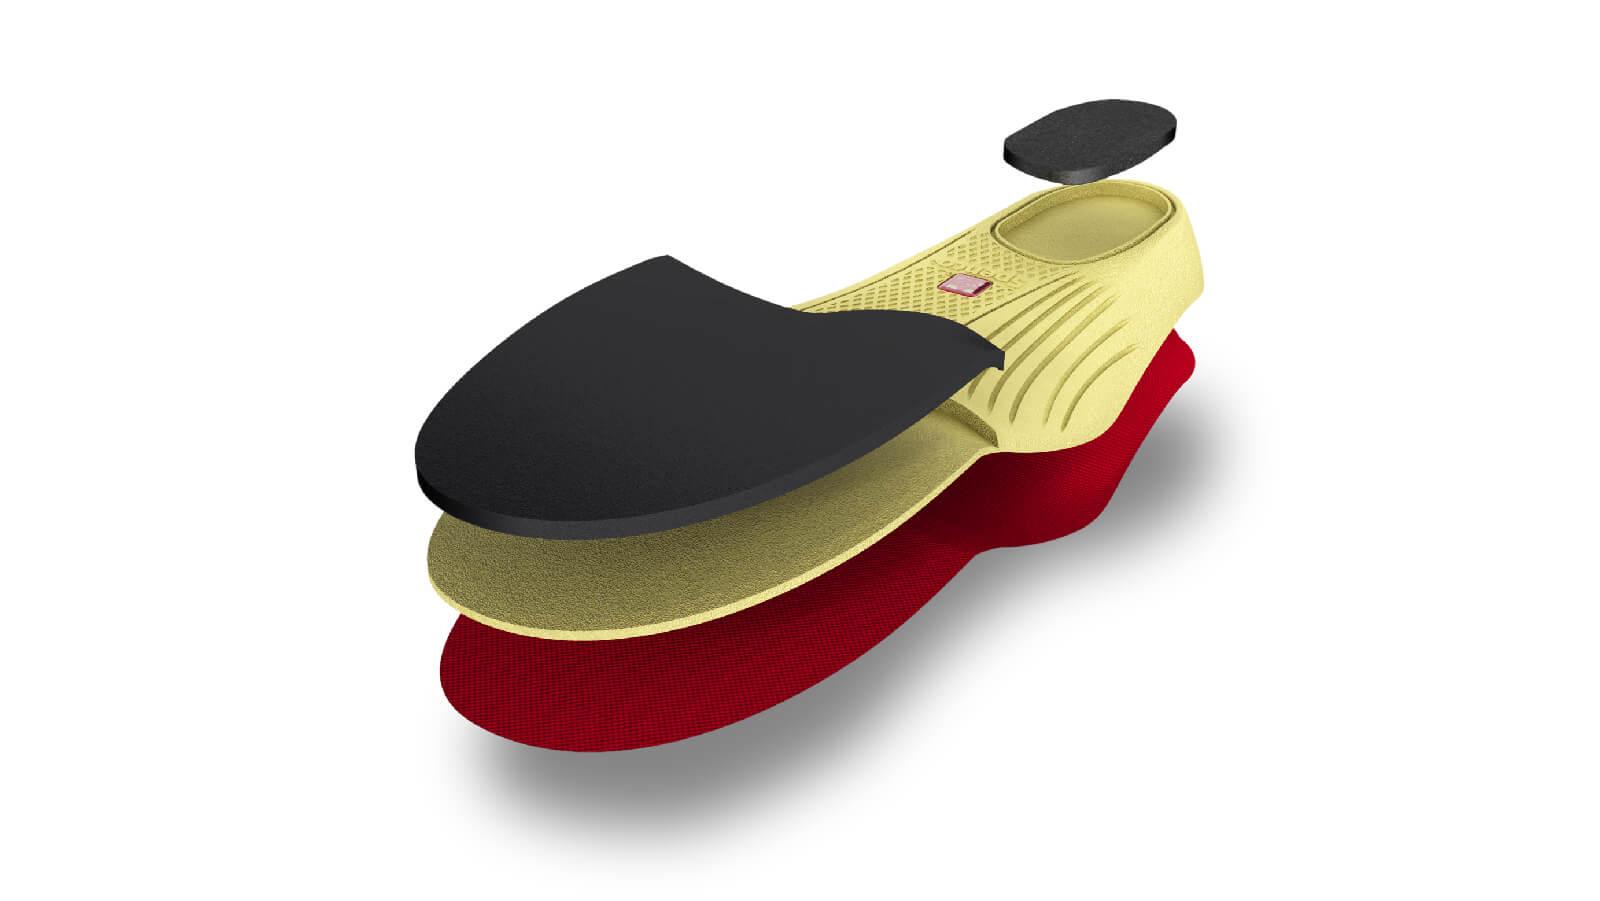 Lót giày thể thao bảo vệ bàn chân Spenco Walk Runner M38-390-2-Size 2 ( 37-39)